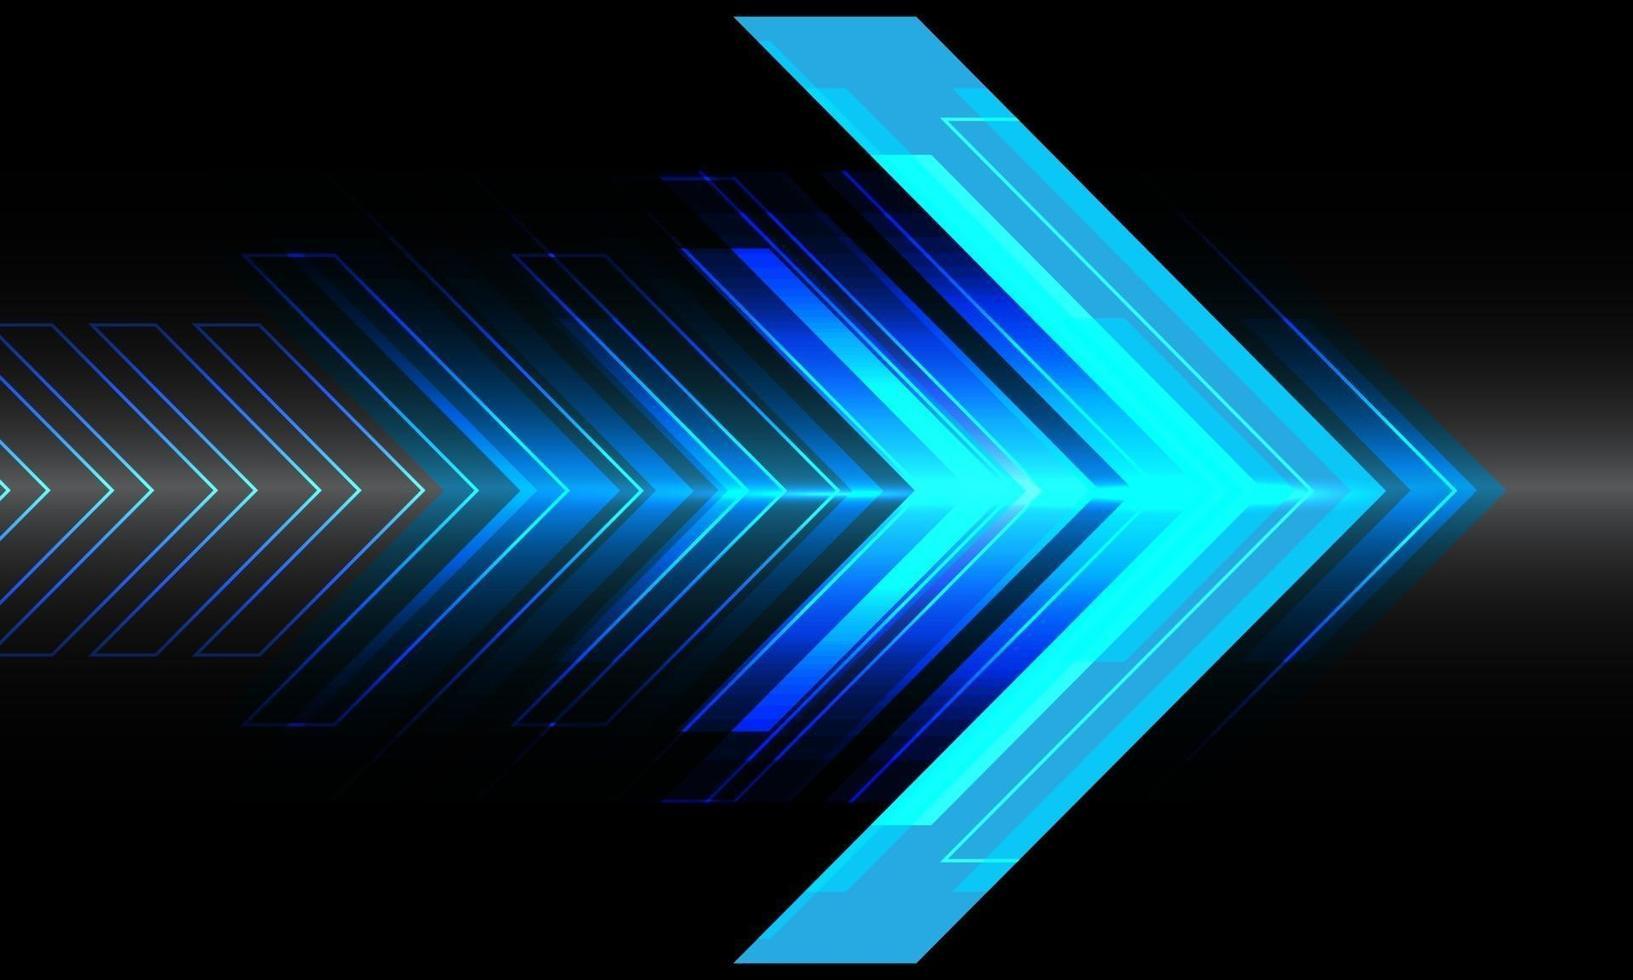 abstrakt blå ljus pil hastighet riktning på svart design modern teknik futuristisk bakgrund vektorillustration. vektor